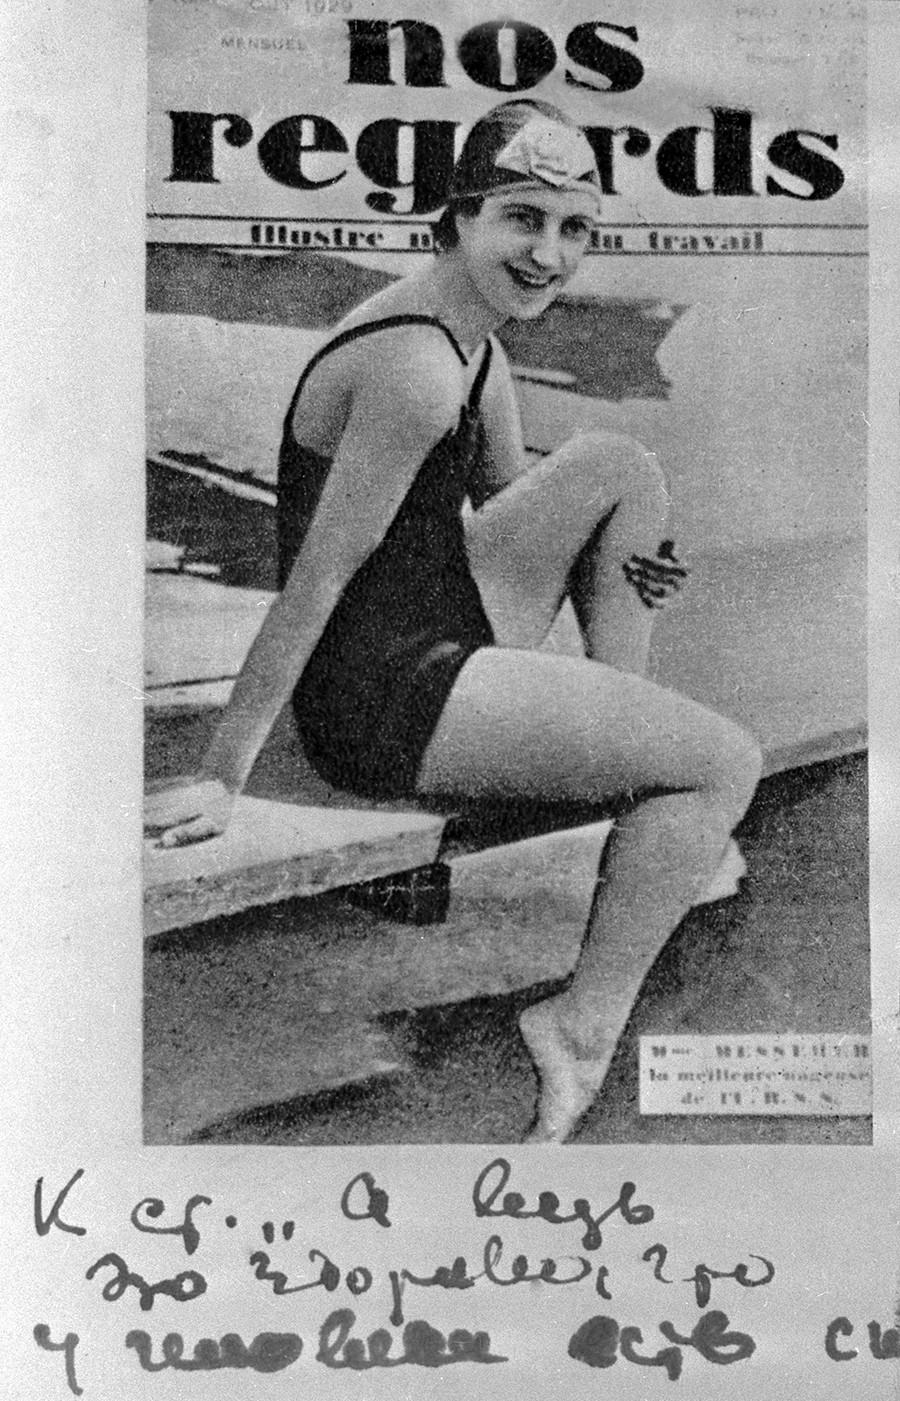 1928年に水泳選手として、スパルタキアードに出場した、バレリーナ・スラミフィ・メッセレル。